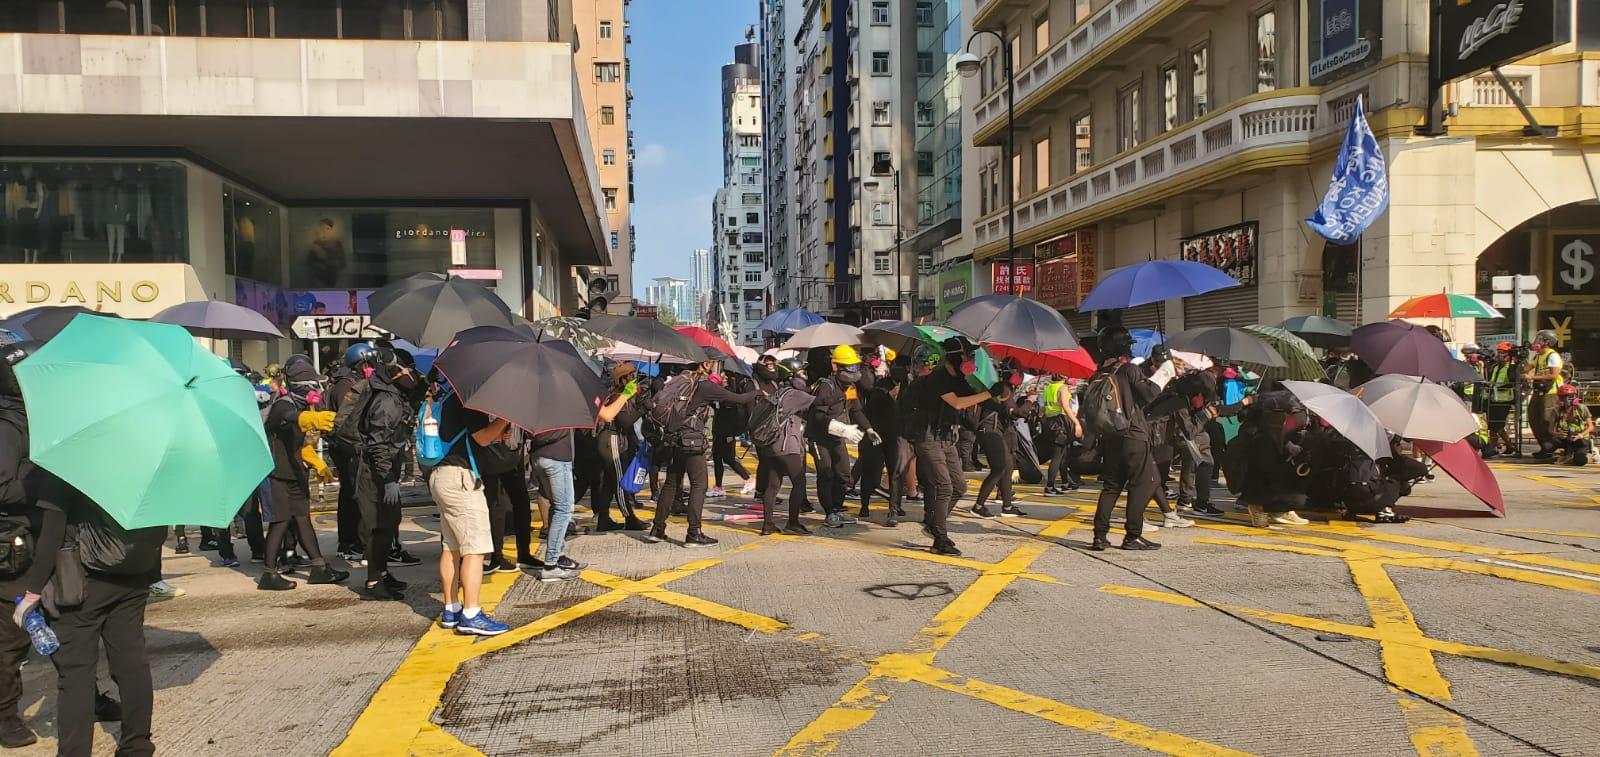 示威者聚集。